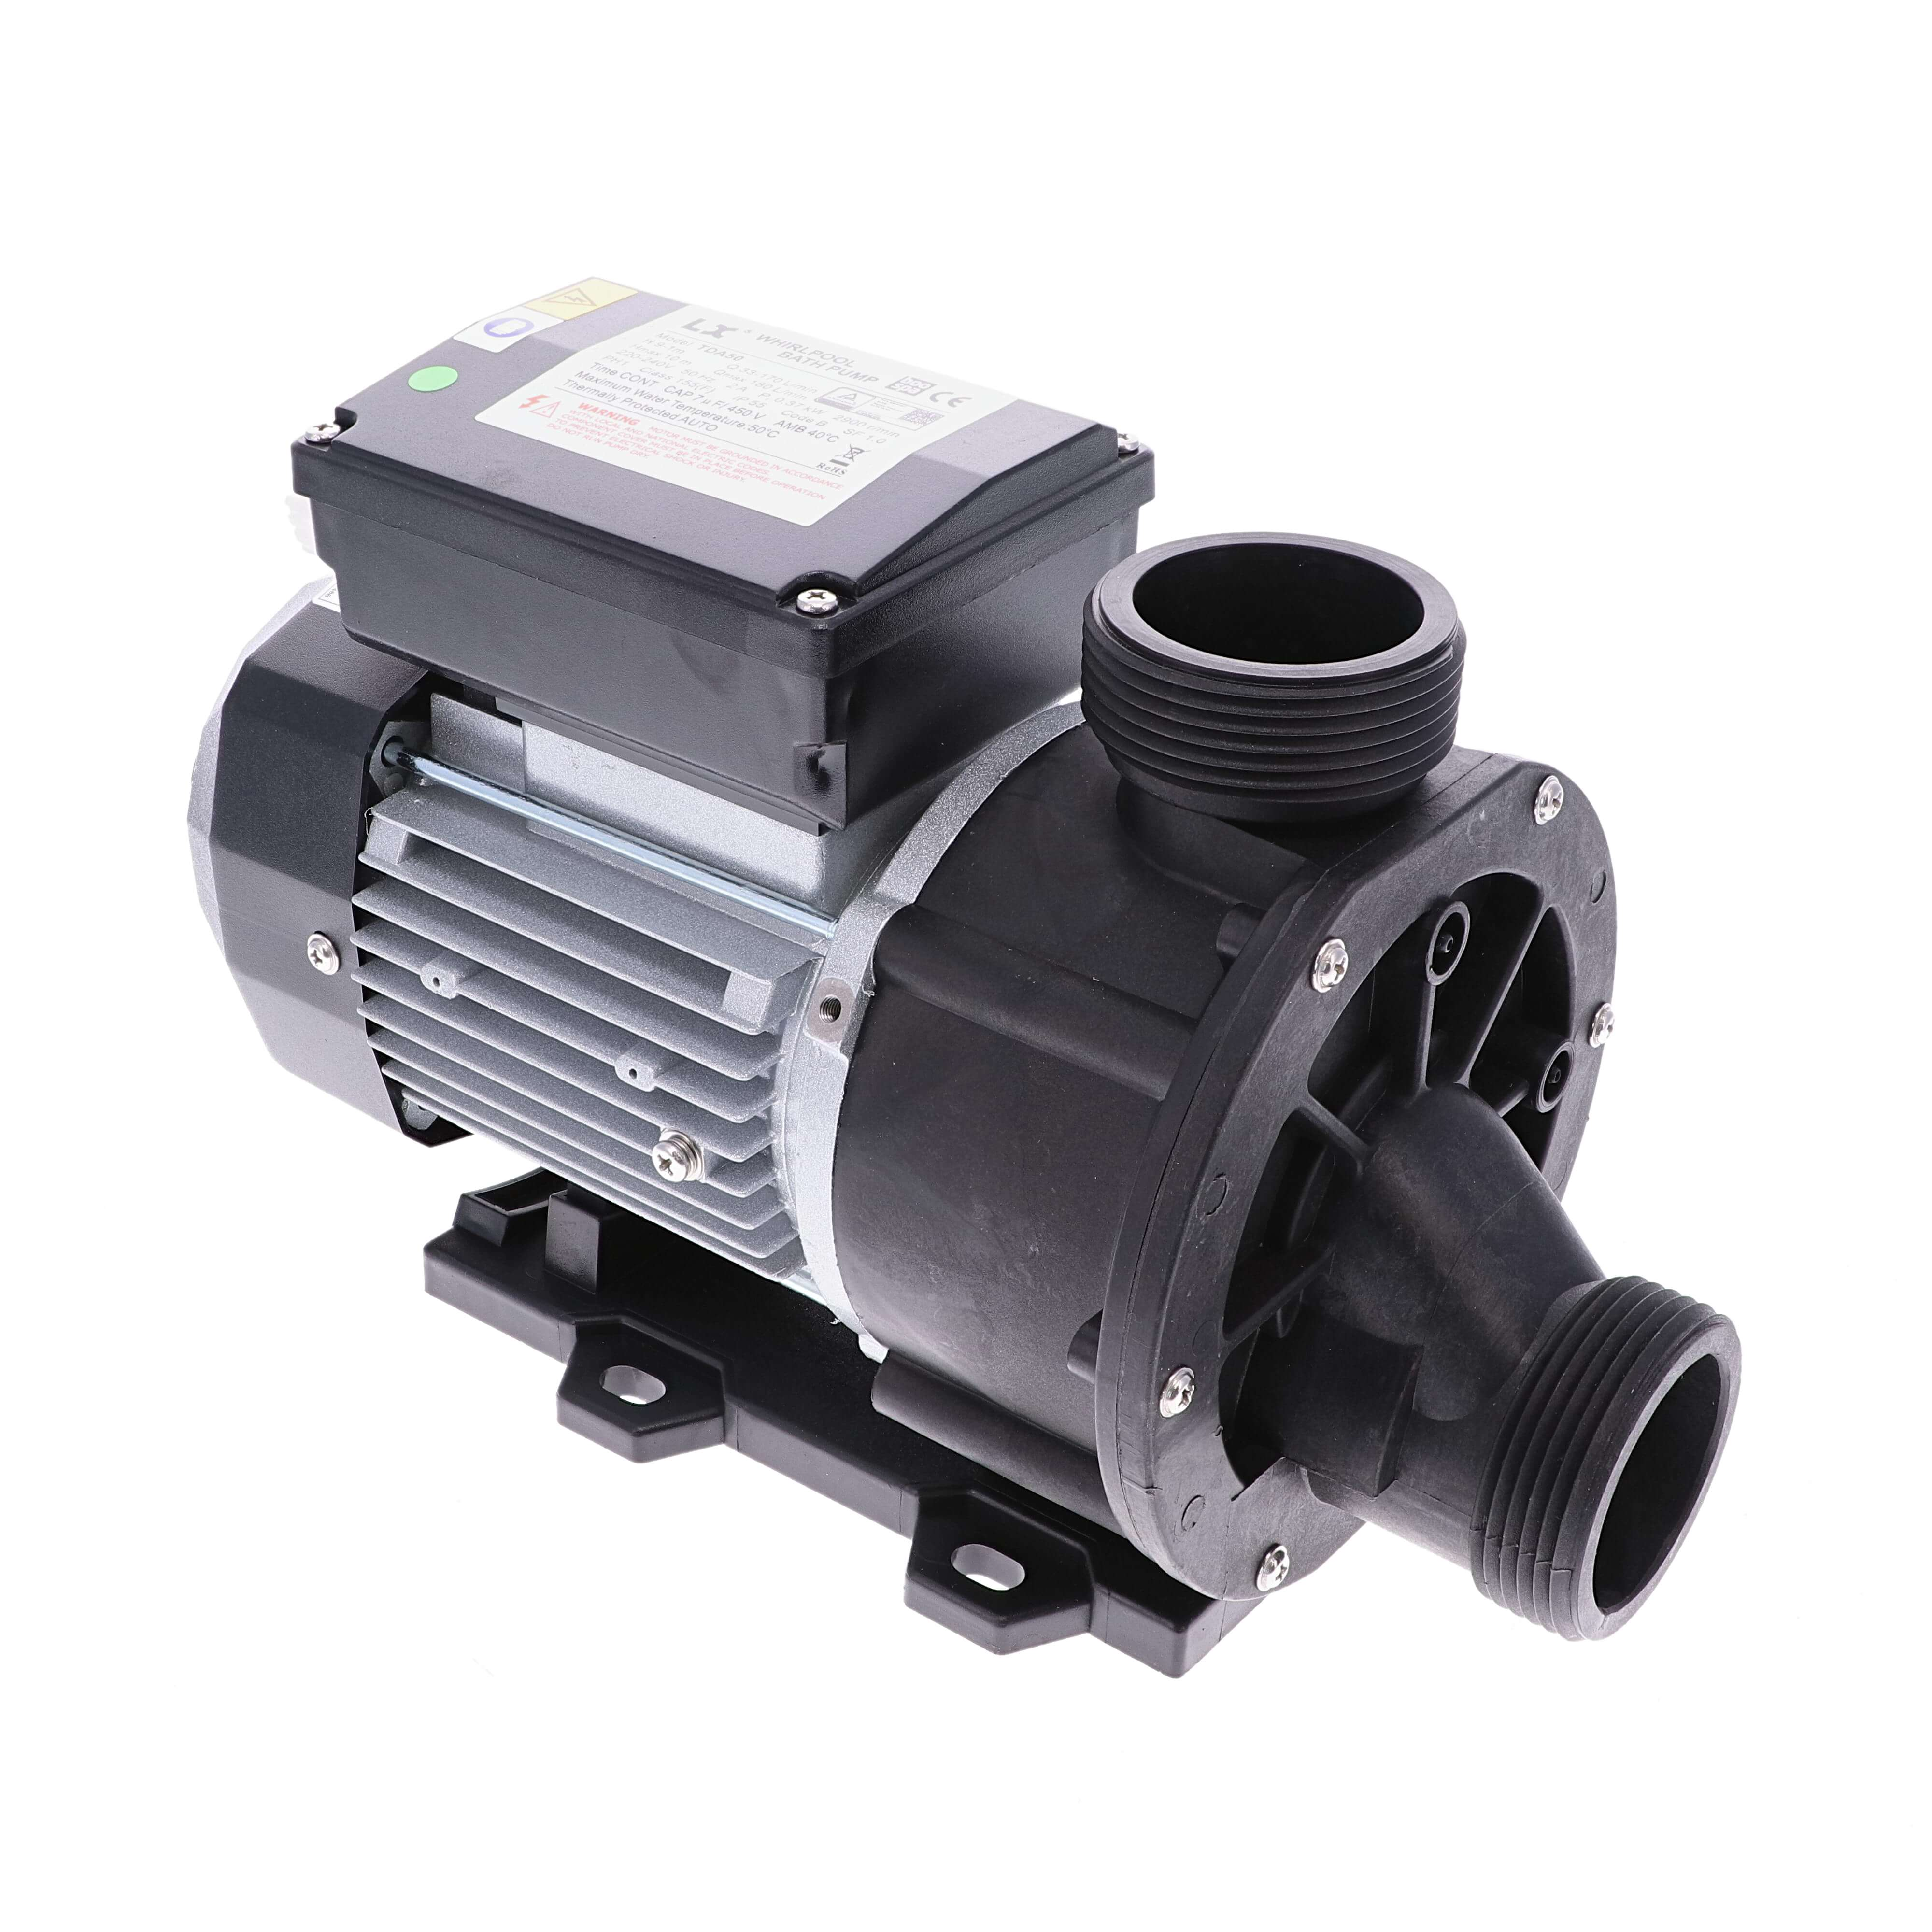 Spa filtration pump TDA100